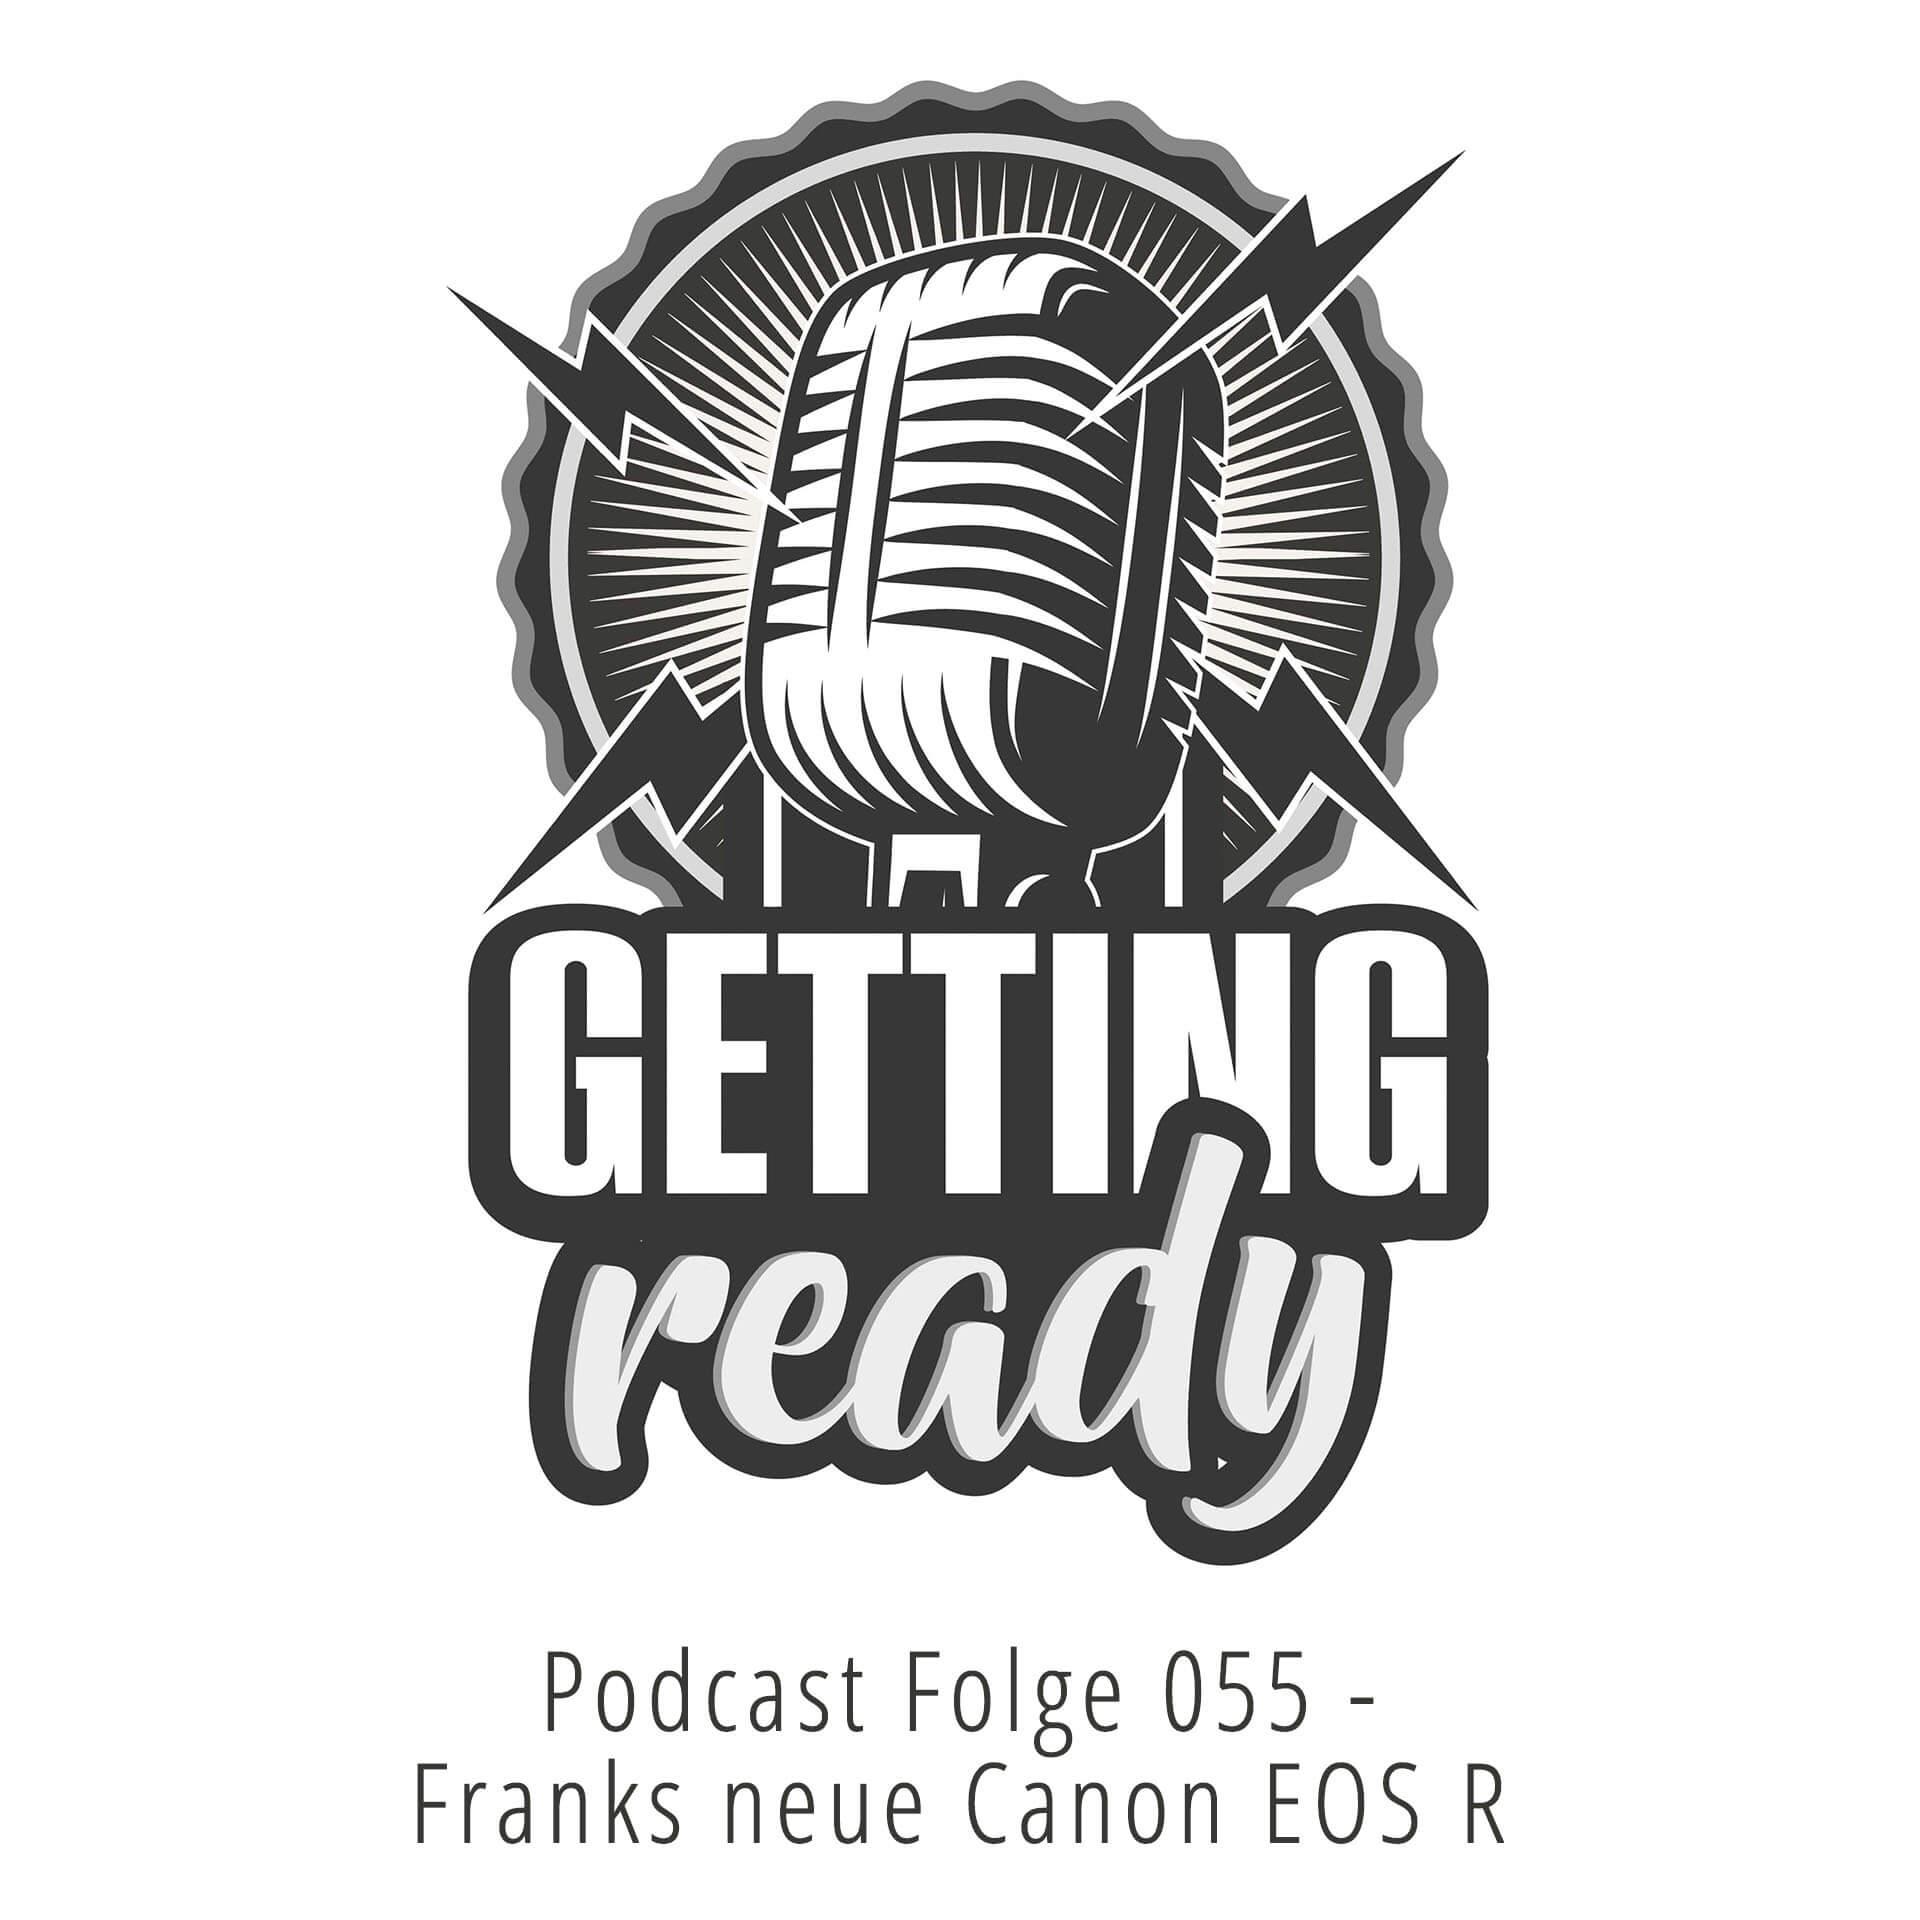 hier findet ihr die neusten podcastfolgen